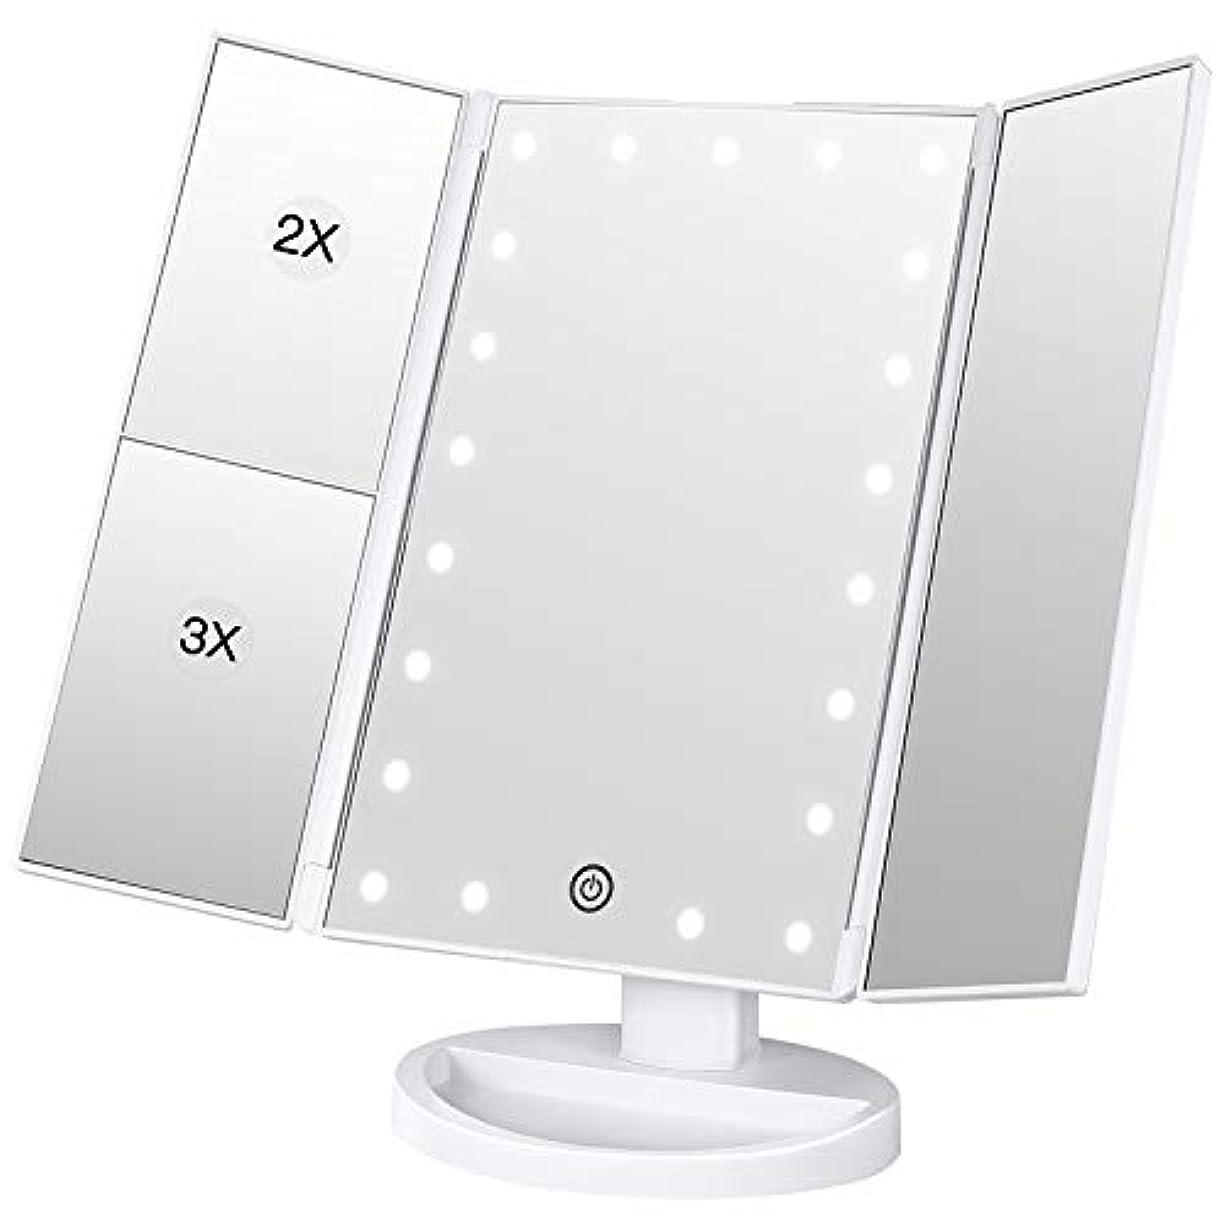 レビュー頑丈道BESTOPE 化粧鏡 化粧ミラー 鏡 三面鏡 女優ミラー 卓上 led付き 折りたたみ 拡大鏡 2&3倍 明るさ調節可能 180°回転 電池&USB 2WAY給電